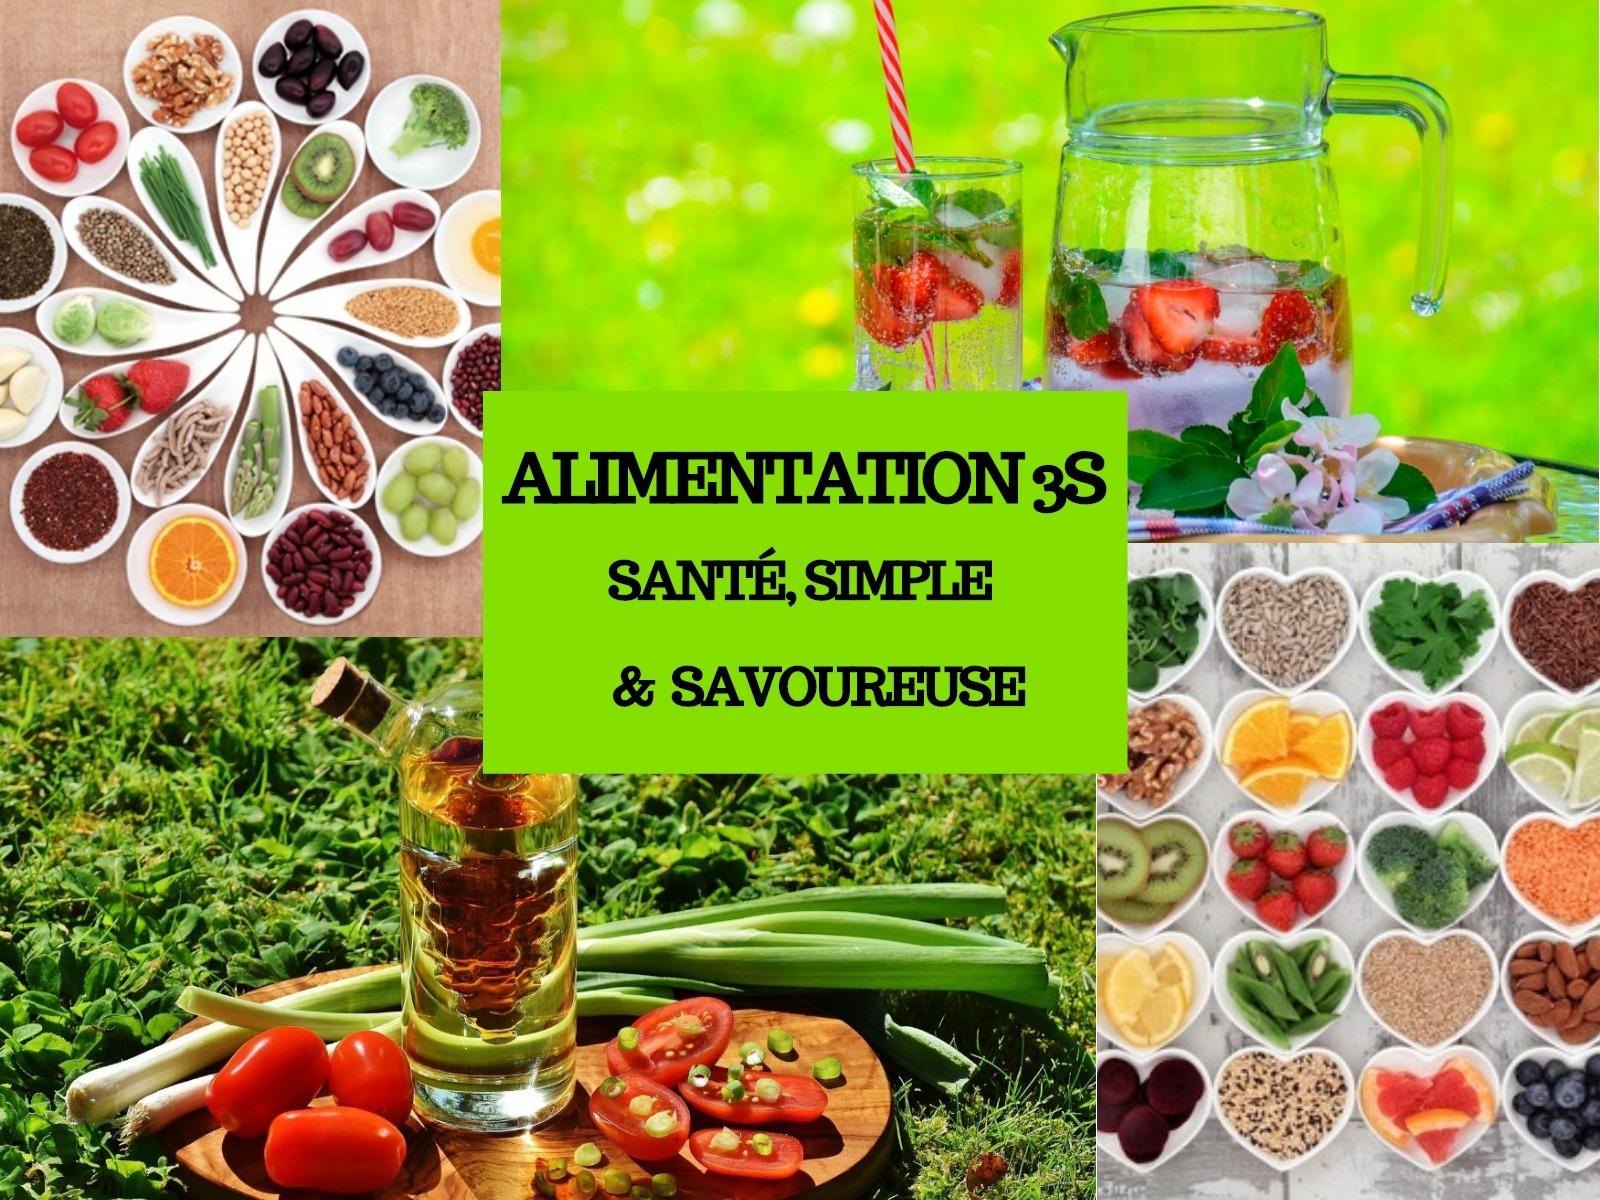 Alimentation 3S : Santé, Simple et Savoureuse